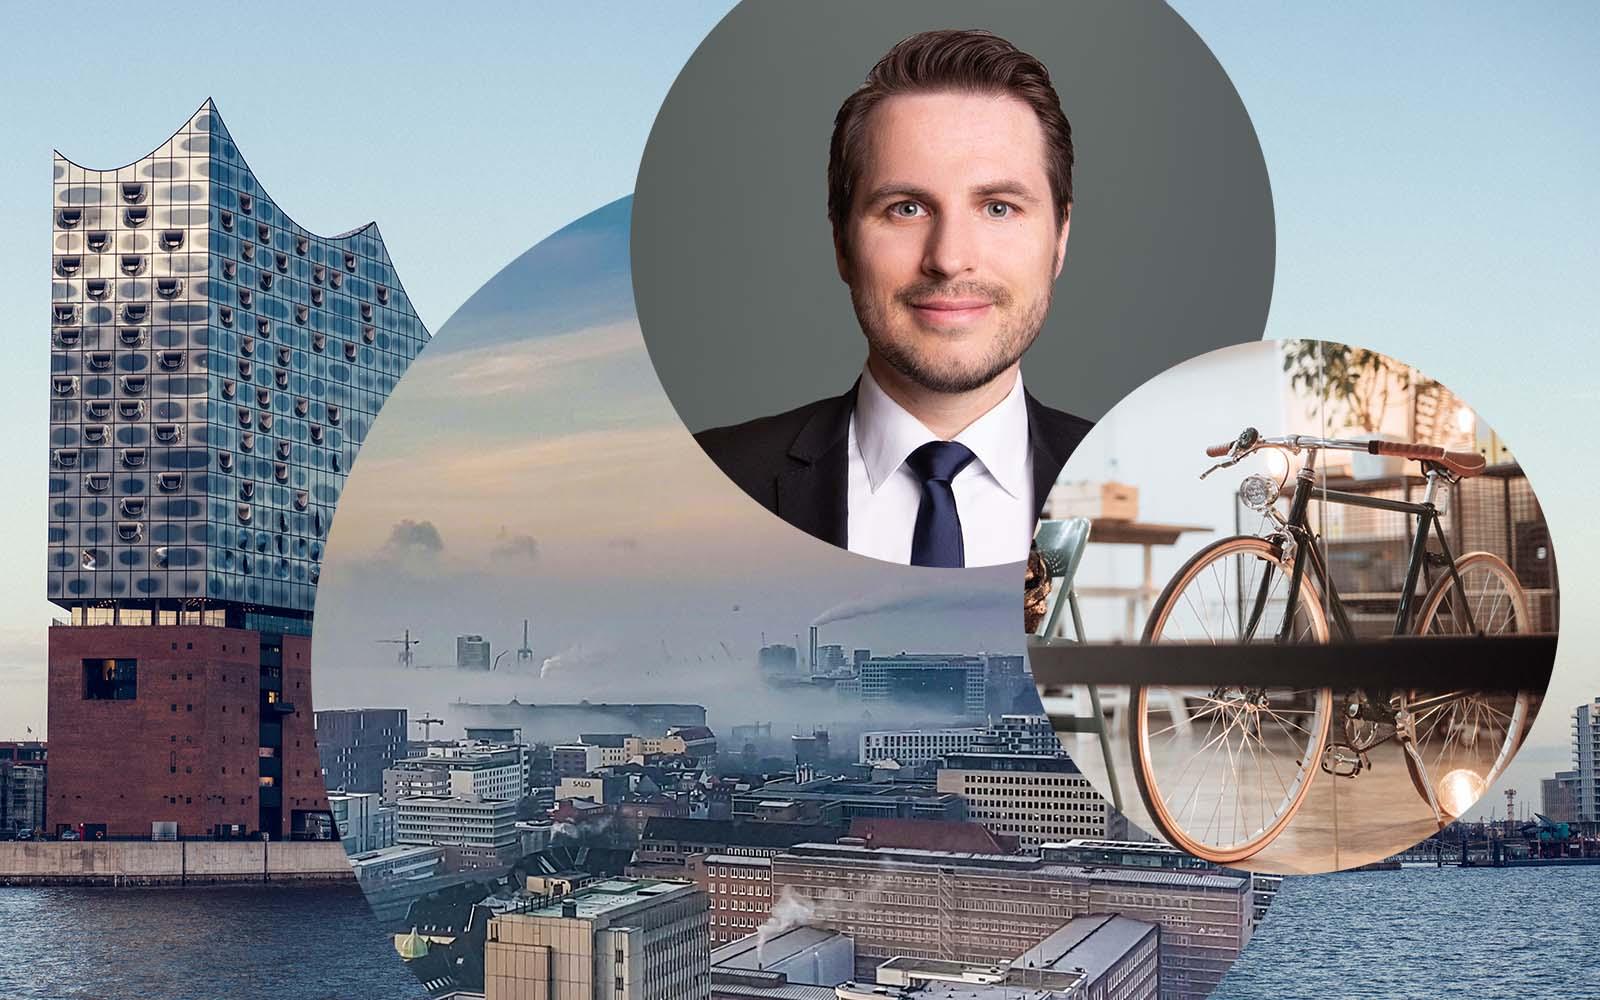 Bild von Jan Göttsche, Consultant im Bereich Planning und Forecasting bei verovis - a valantic company in Hamburg